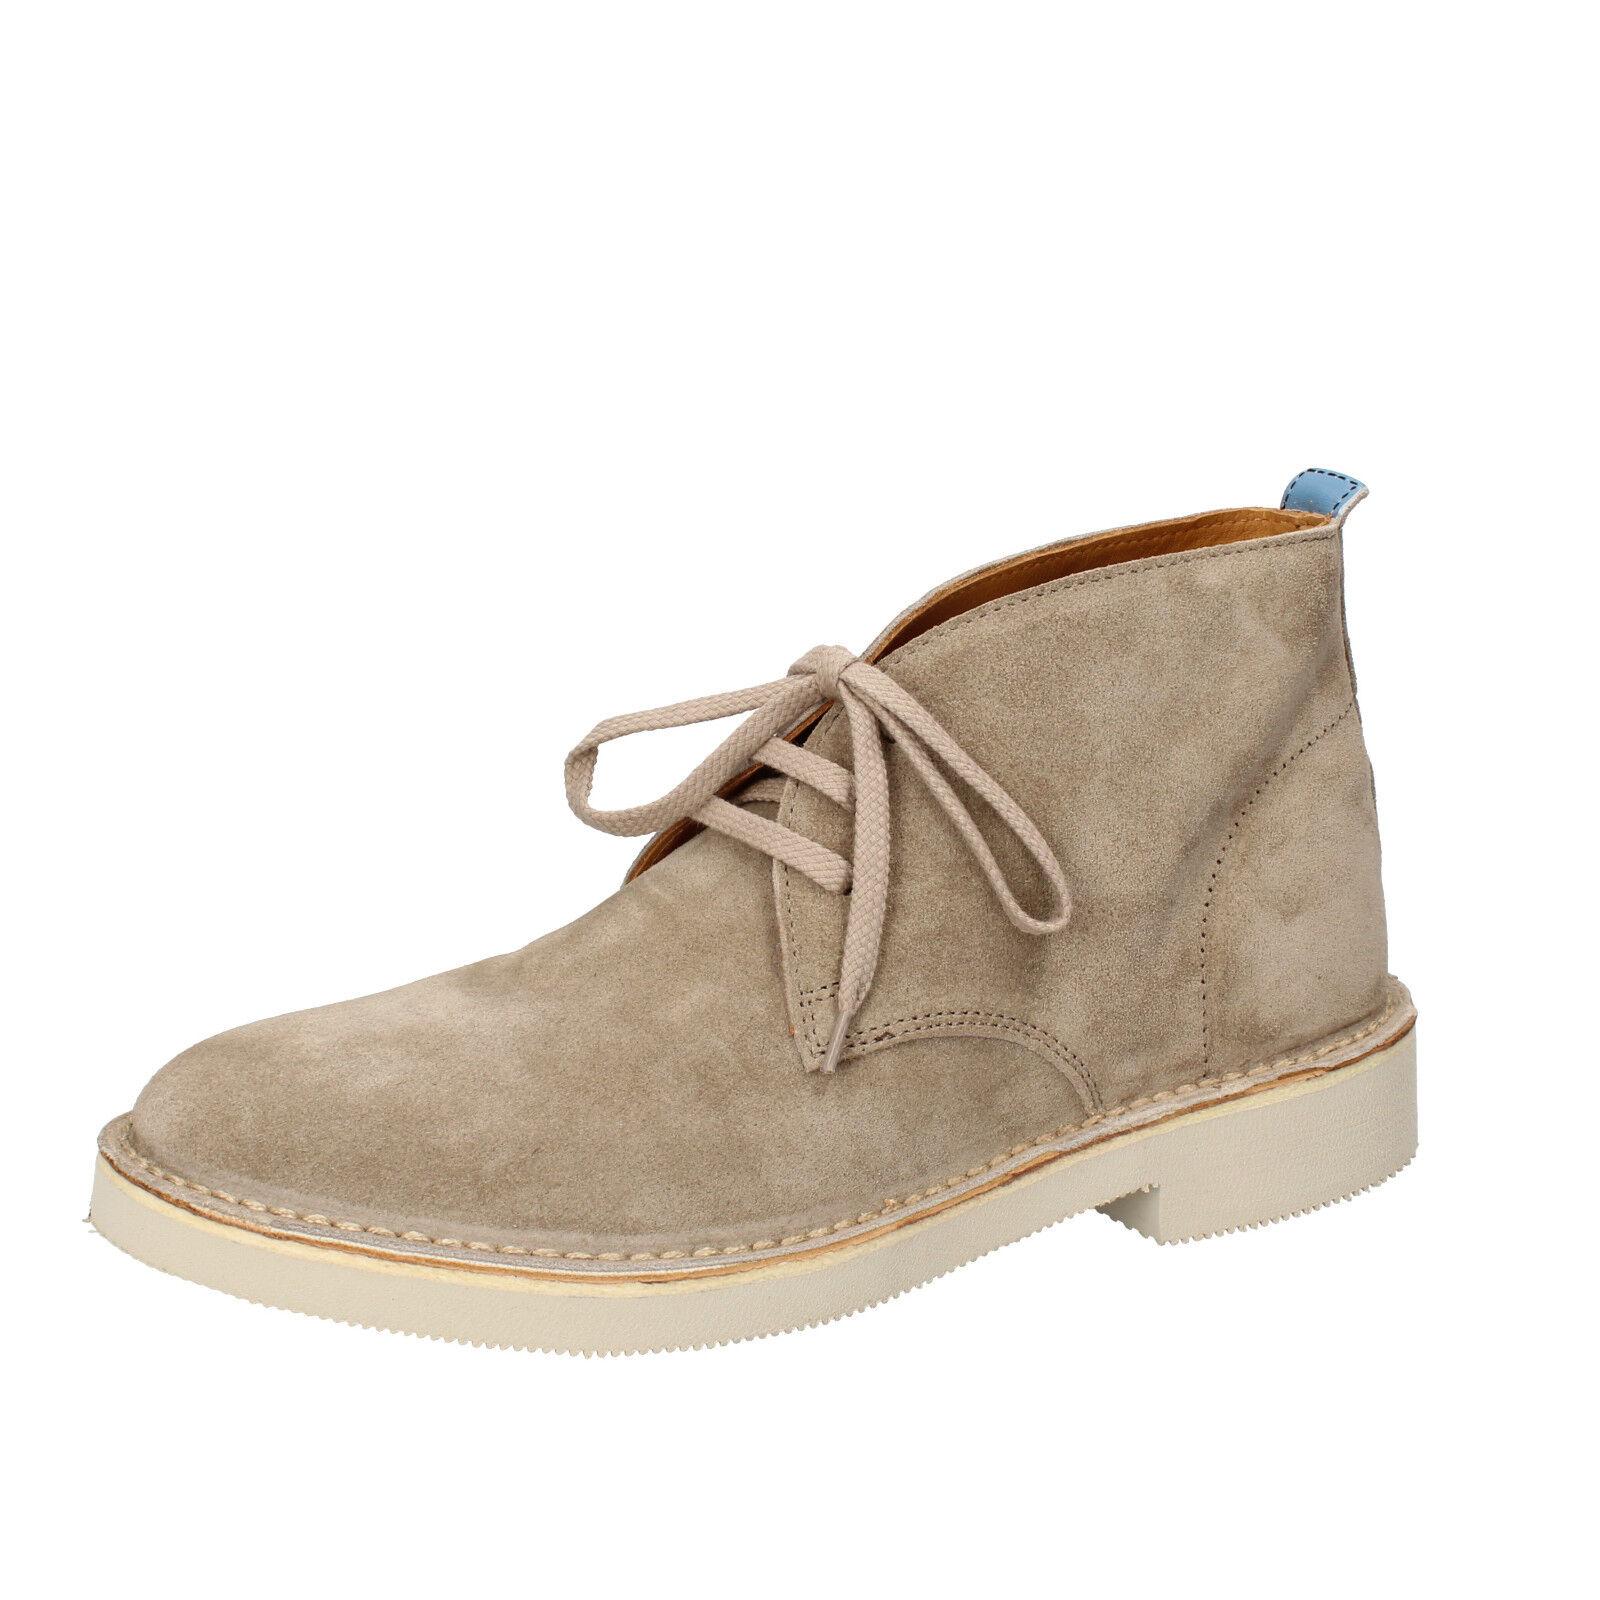 Men's shoes MOMA 9 (EU 42) desert boots beige suede AB326-E